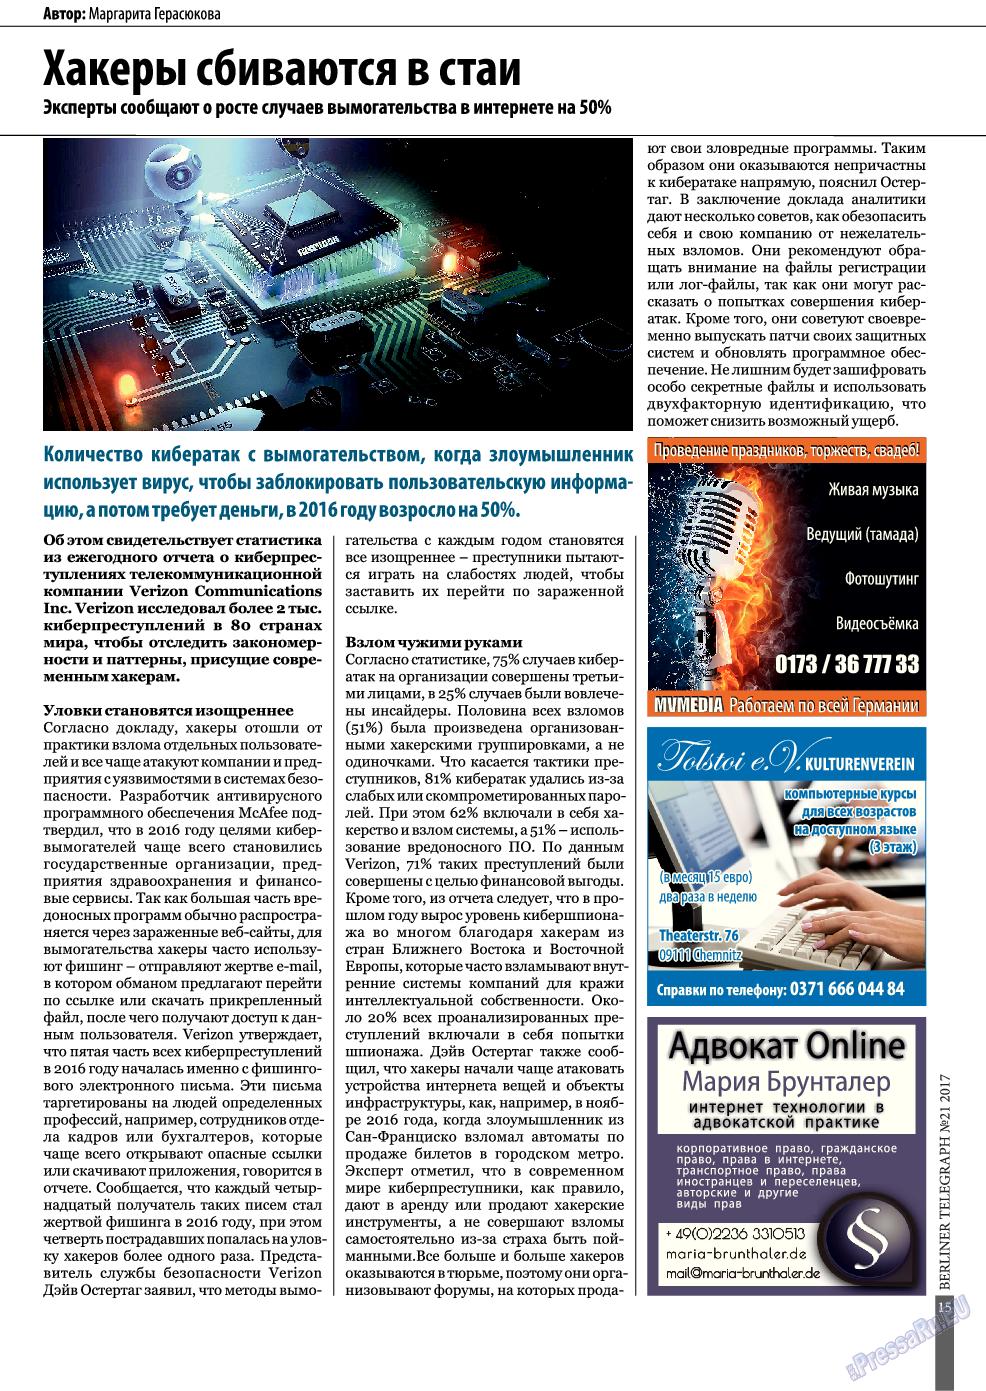 Берлинский телеграф (журнал). 2017 год, номер 21, стр. 15